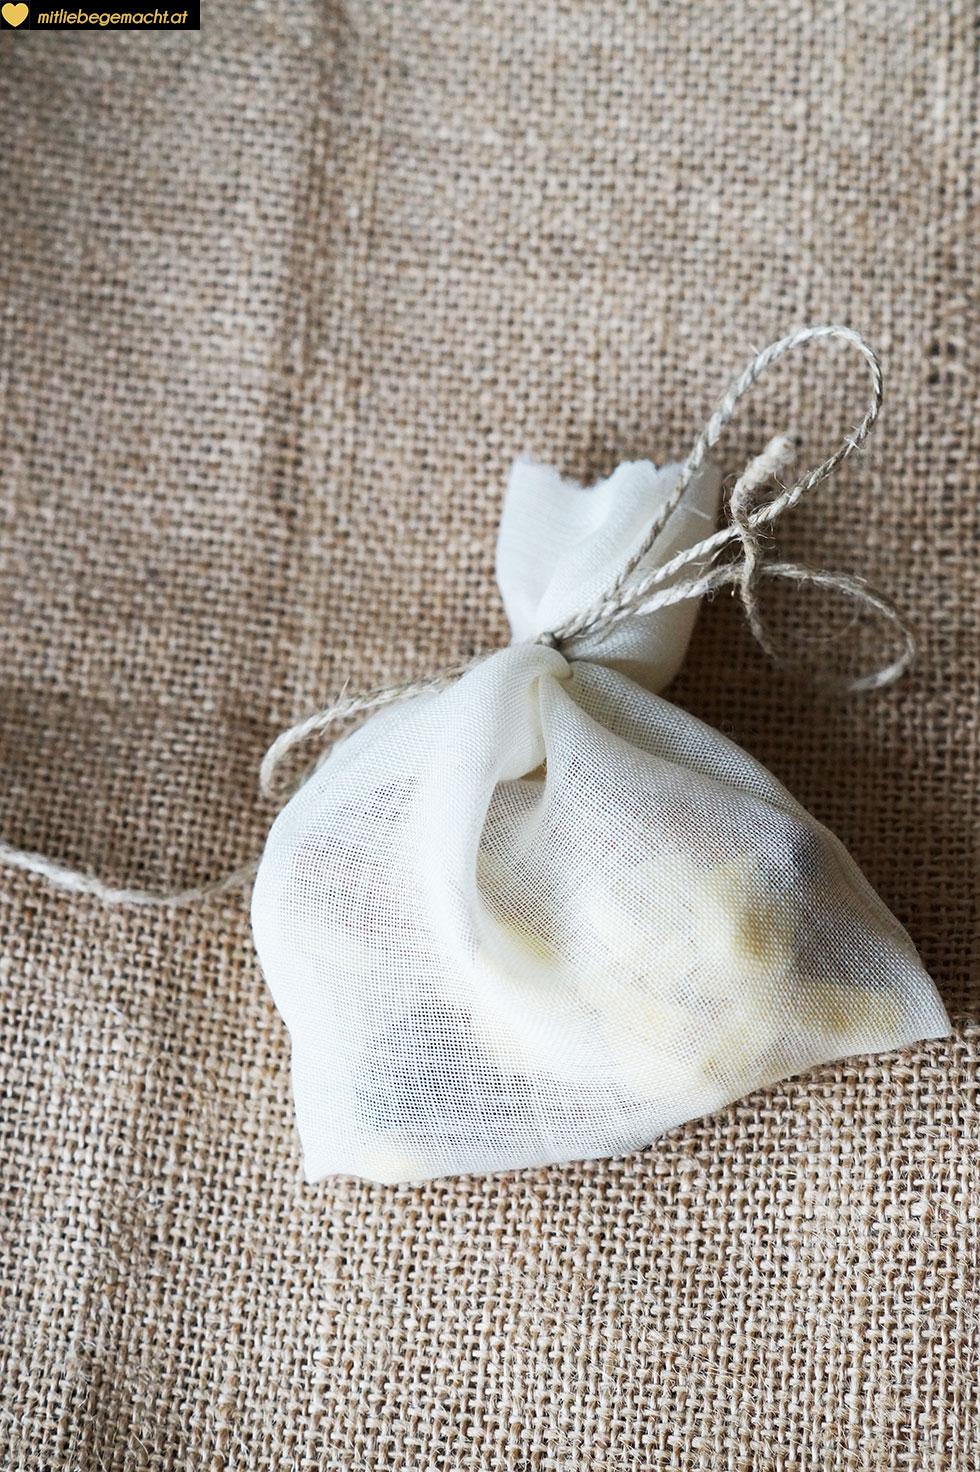 gefüllter Baumwollbeutel - Naturksometik Rezepte